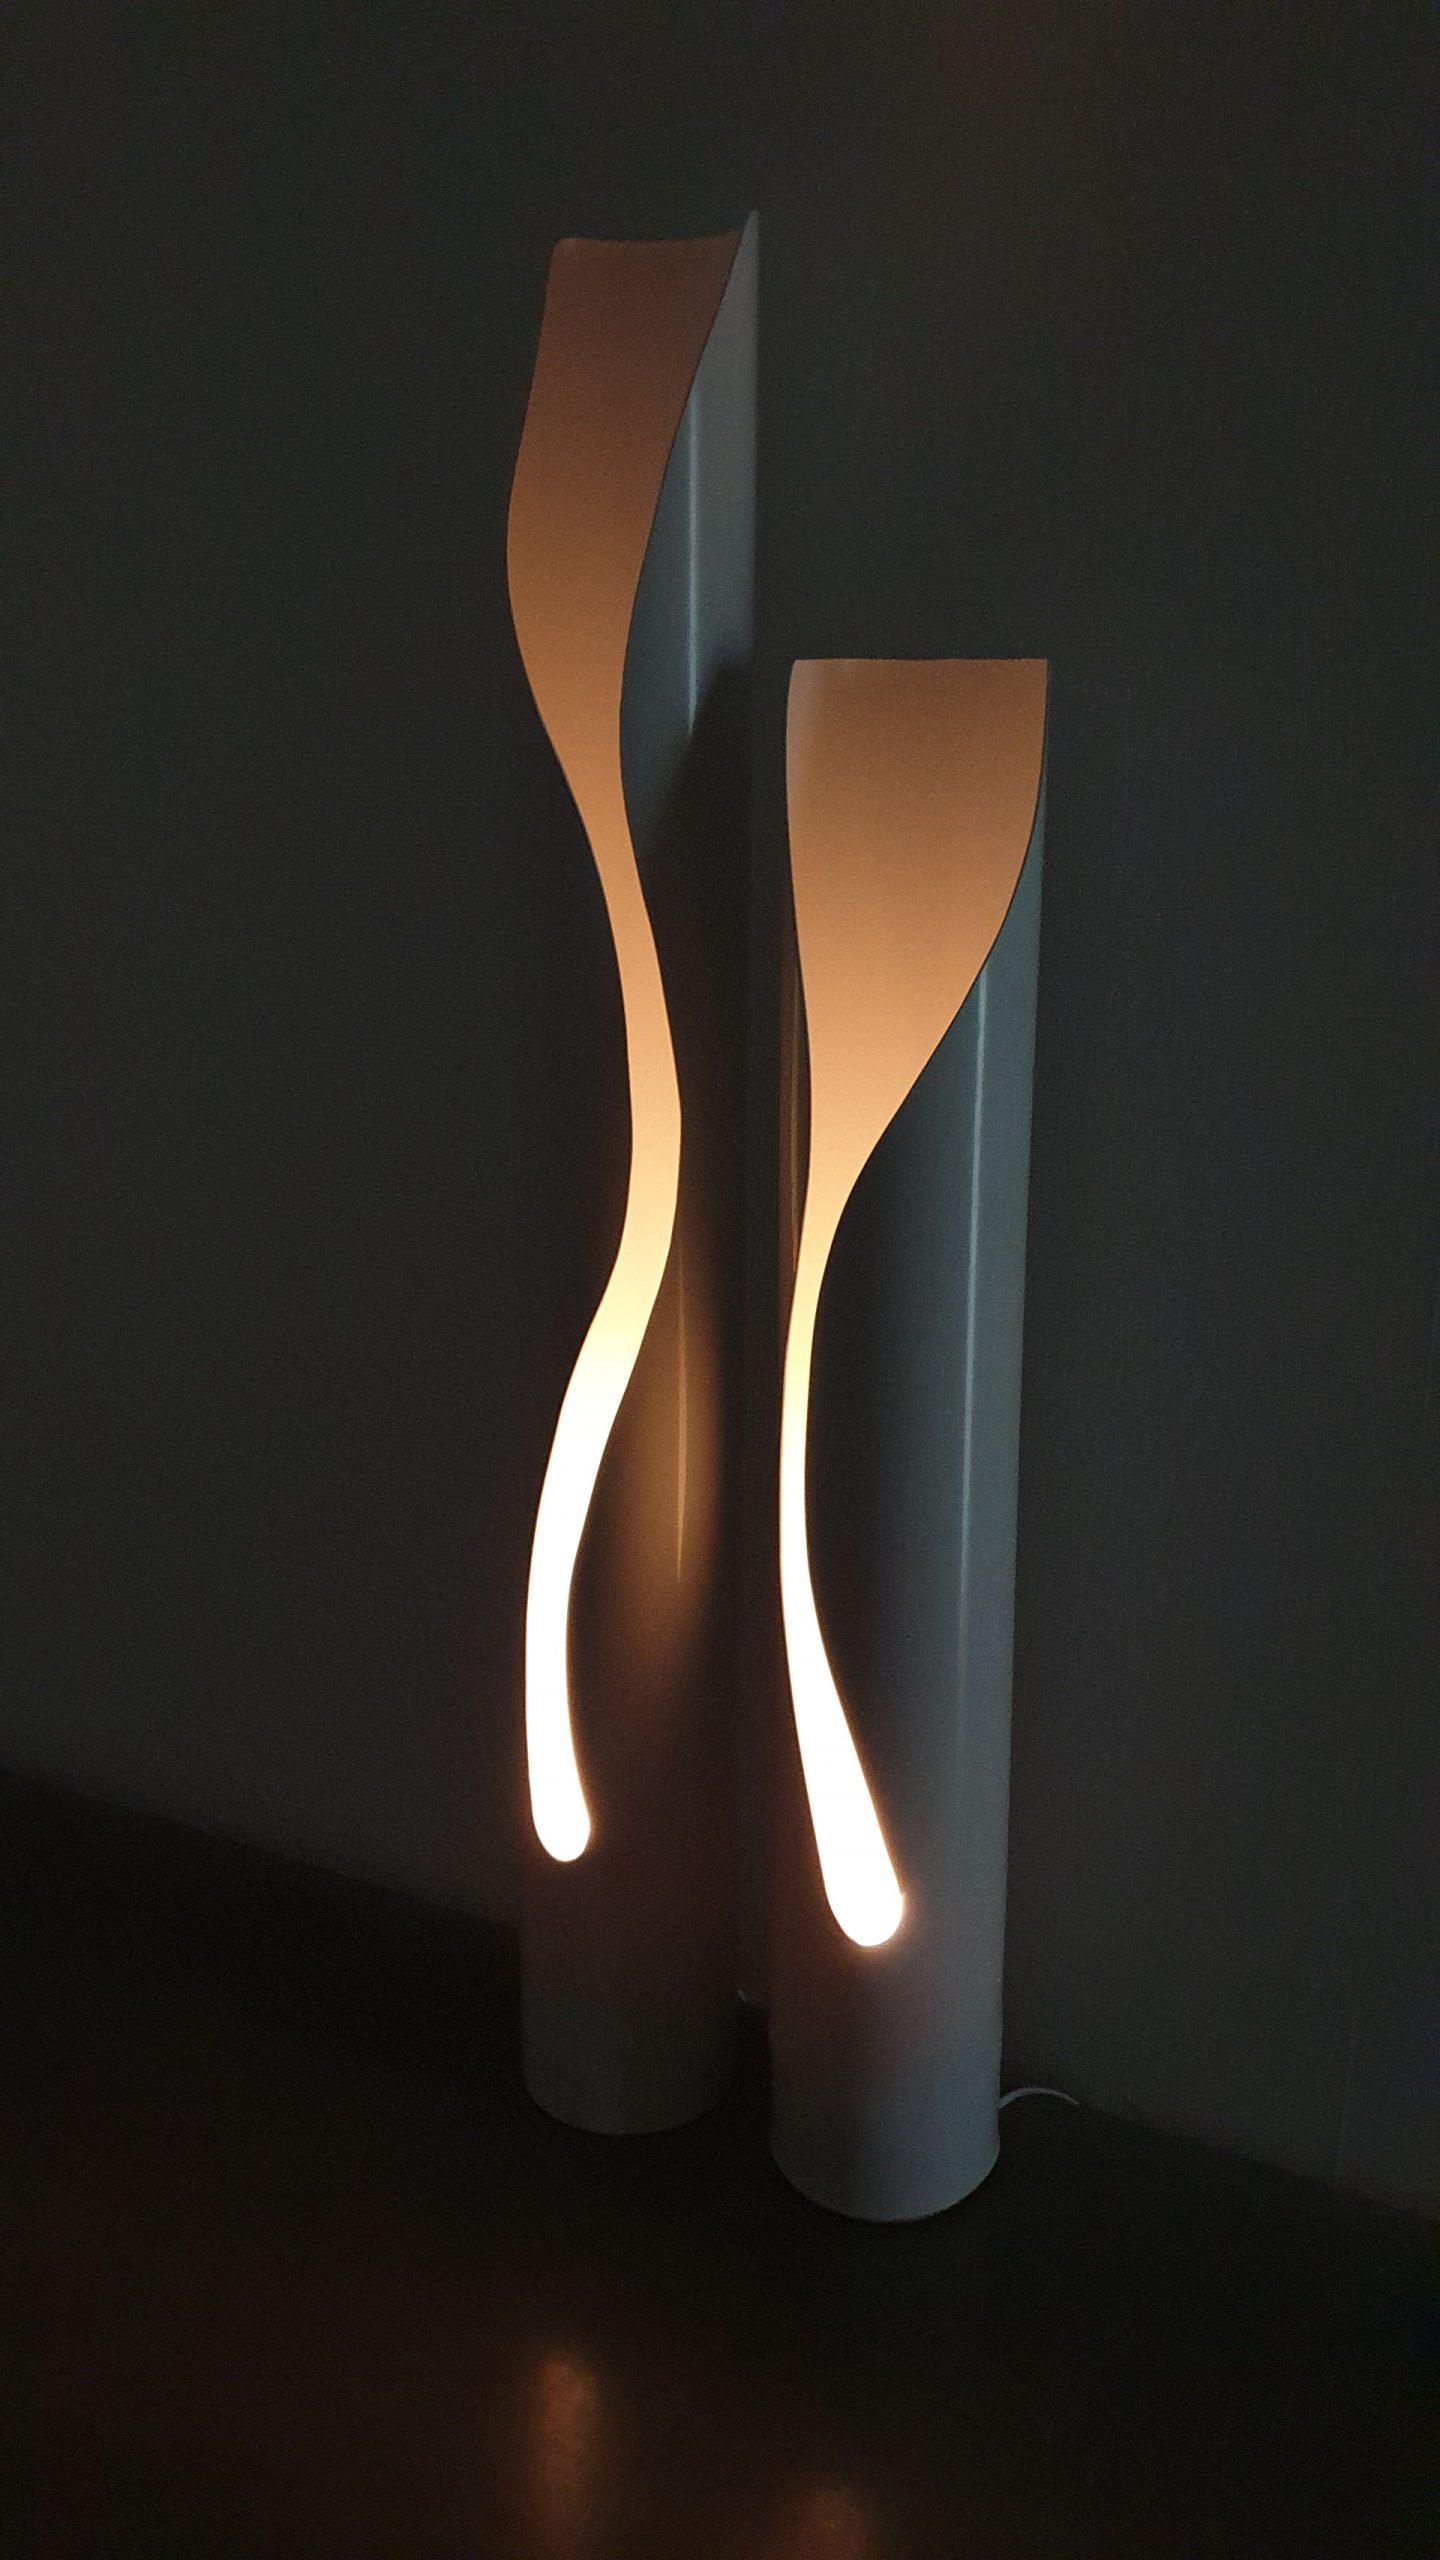 Full Size of Deckenlampe Selber Bauen Diy Design Lampe Aus Pvc Rohr Baue Dir Deine Designmbel Einfach Kopfteil Bett Küche Wohnzimmer Deckenlampen Bodengleiche Dusche Wohnzimmer Deckenlampe Selber Bauen